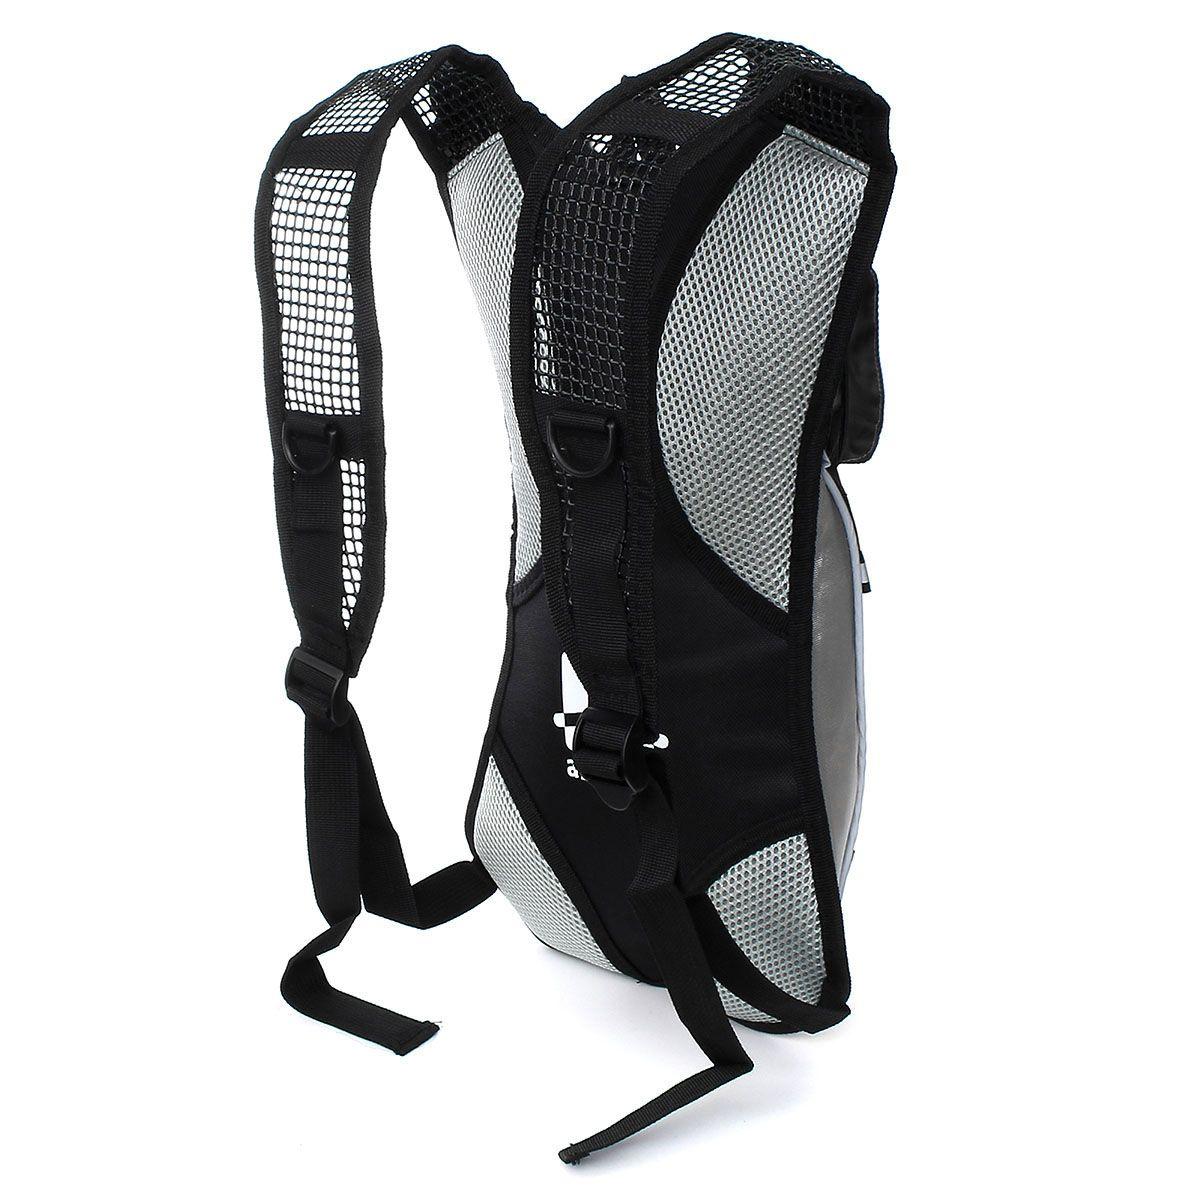 Aduro Sport Hydro-Pro Hydration Backpack  1.5L 3L BPA Free Water Tank 2L